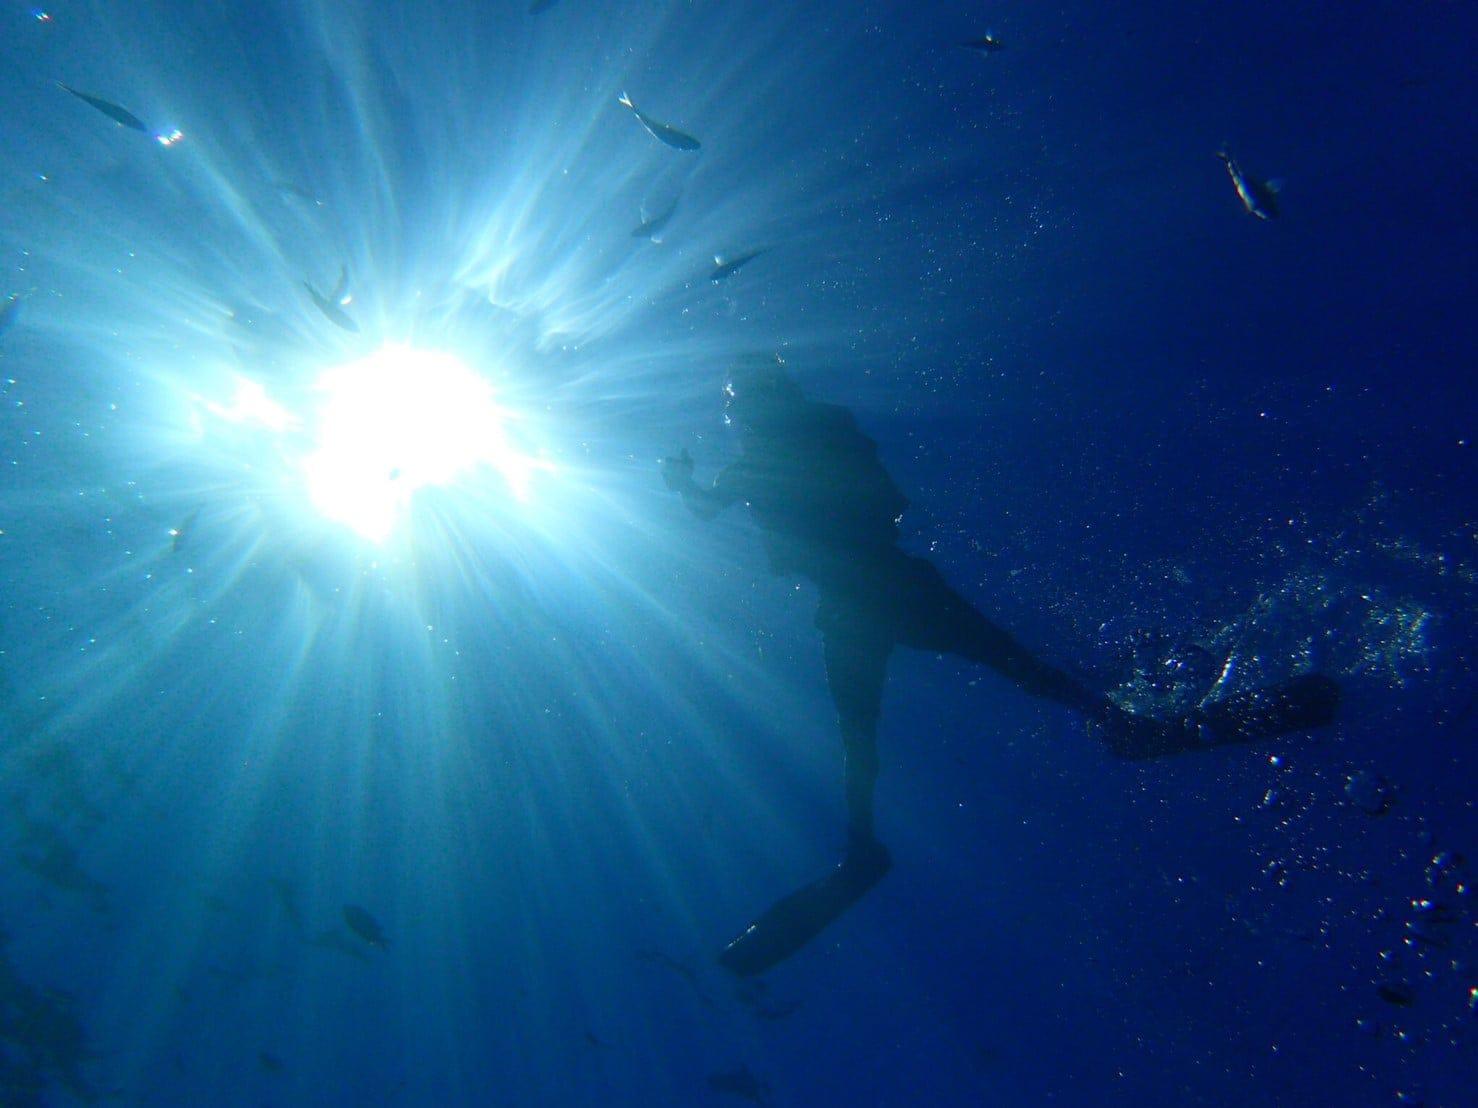 【BBQシェフ付き】ダイビングライセンス取得しながら沖縄のビーチでバーベキューしませんか?のイメージその5